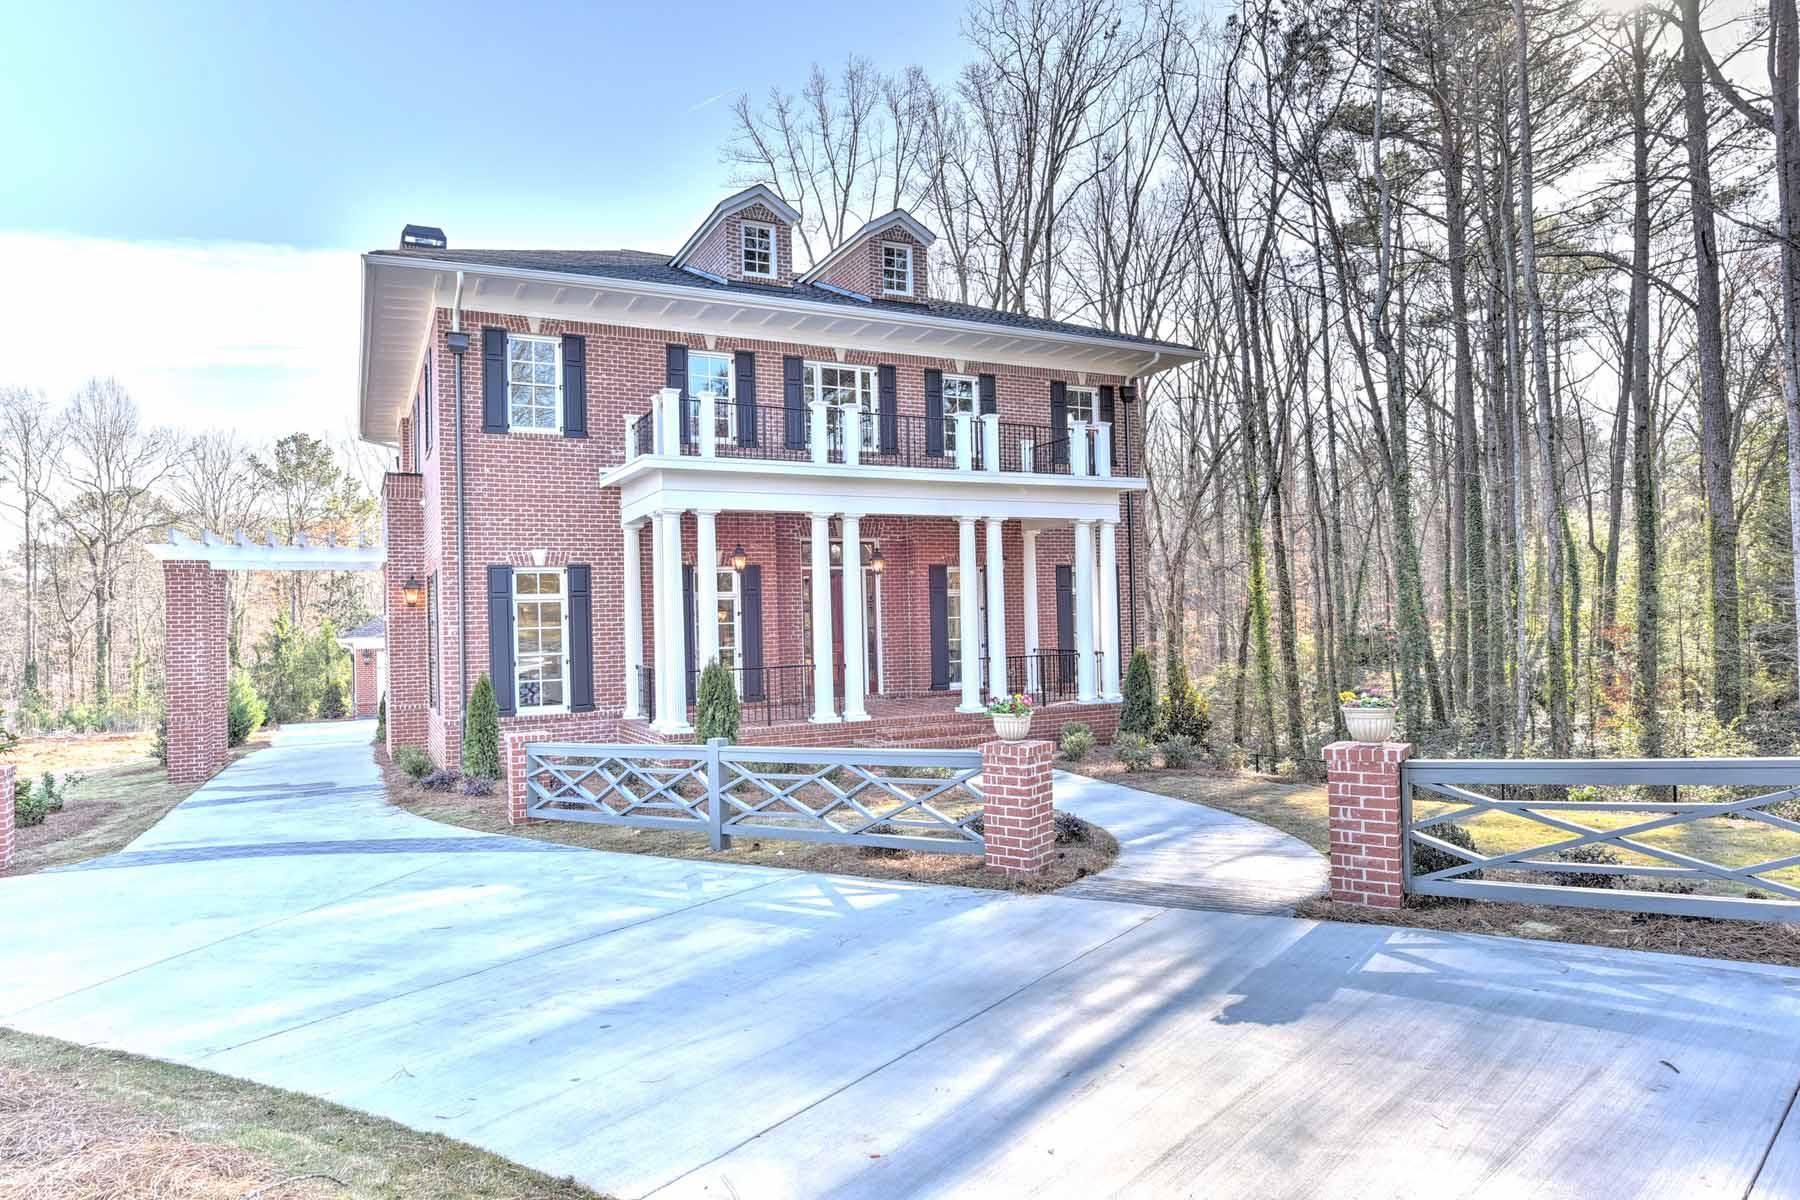 단독 가정 주택 용 매매 에 Stunning Georgian Revival-style architecture by award winning Cablik Enterprise 5140 Timber Ridge Road Marietta, 조지아, 30068 미국